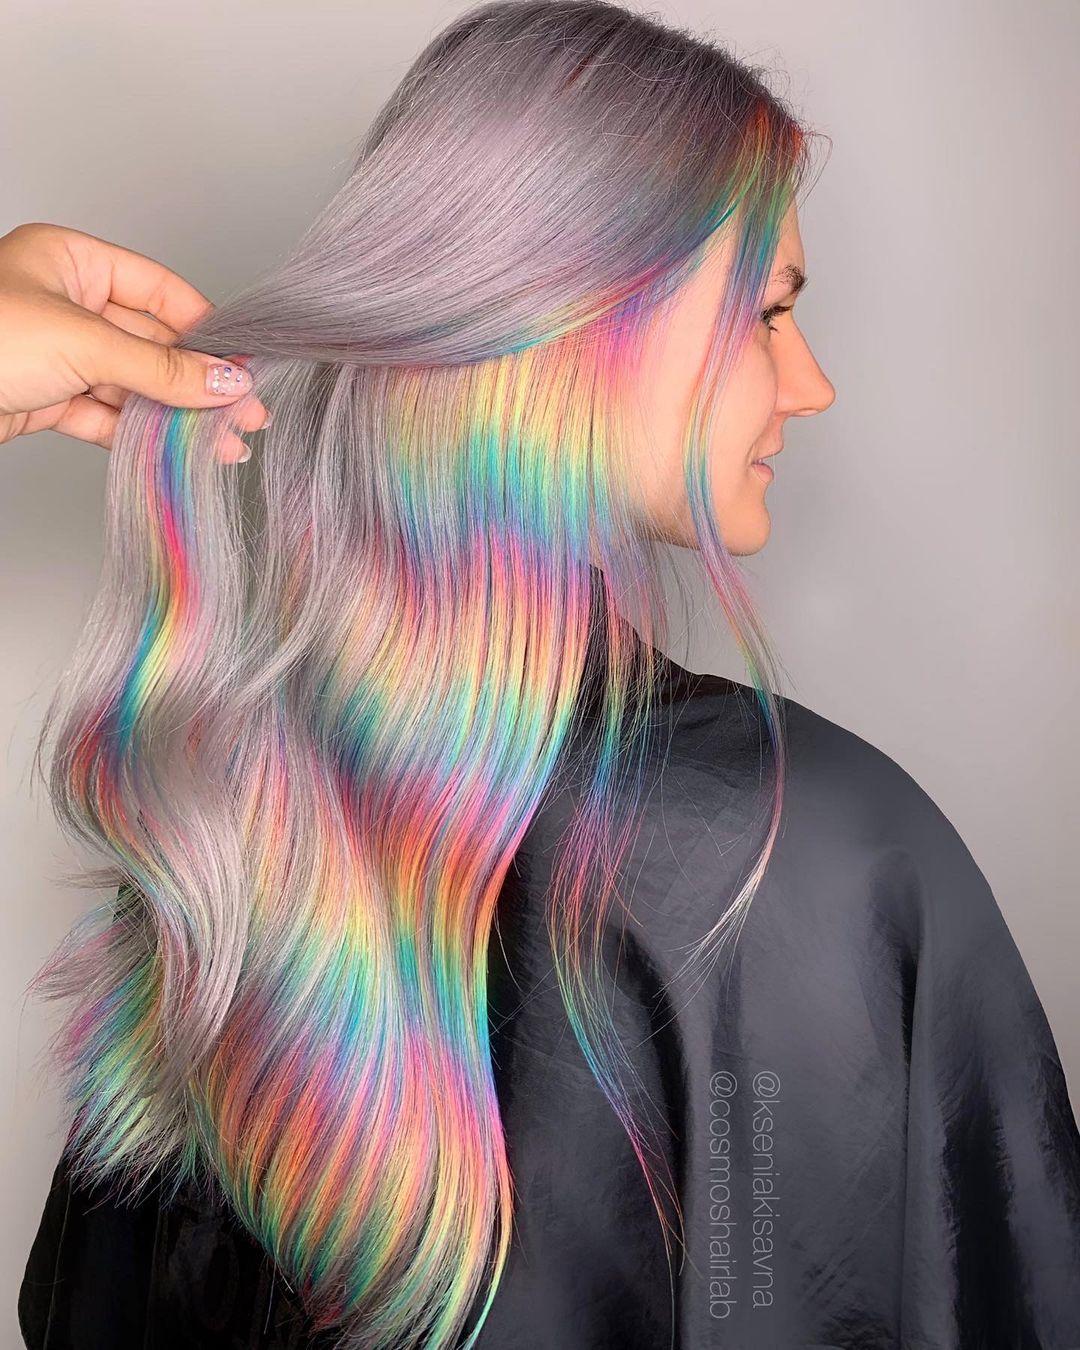 Cheveux arc-en-ciel